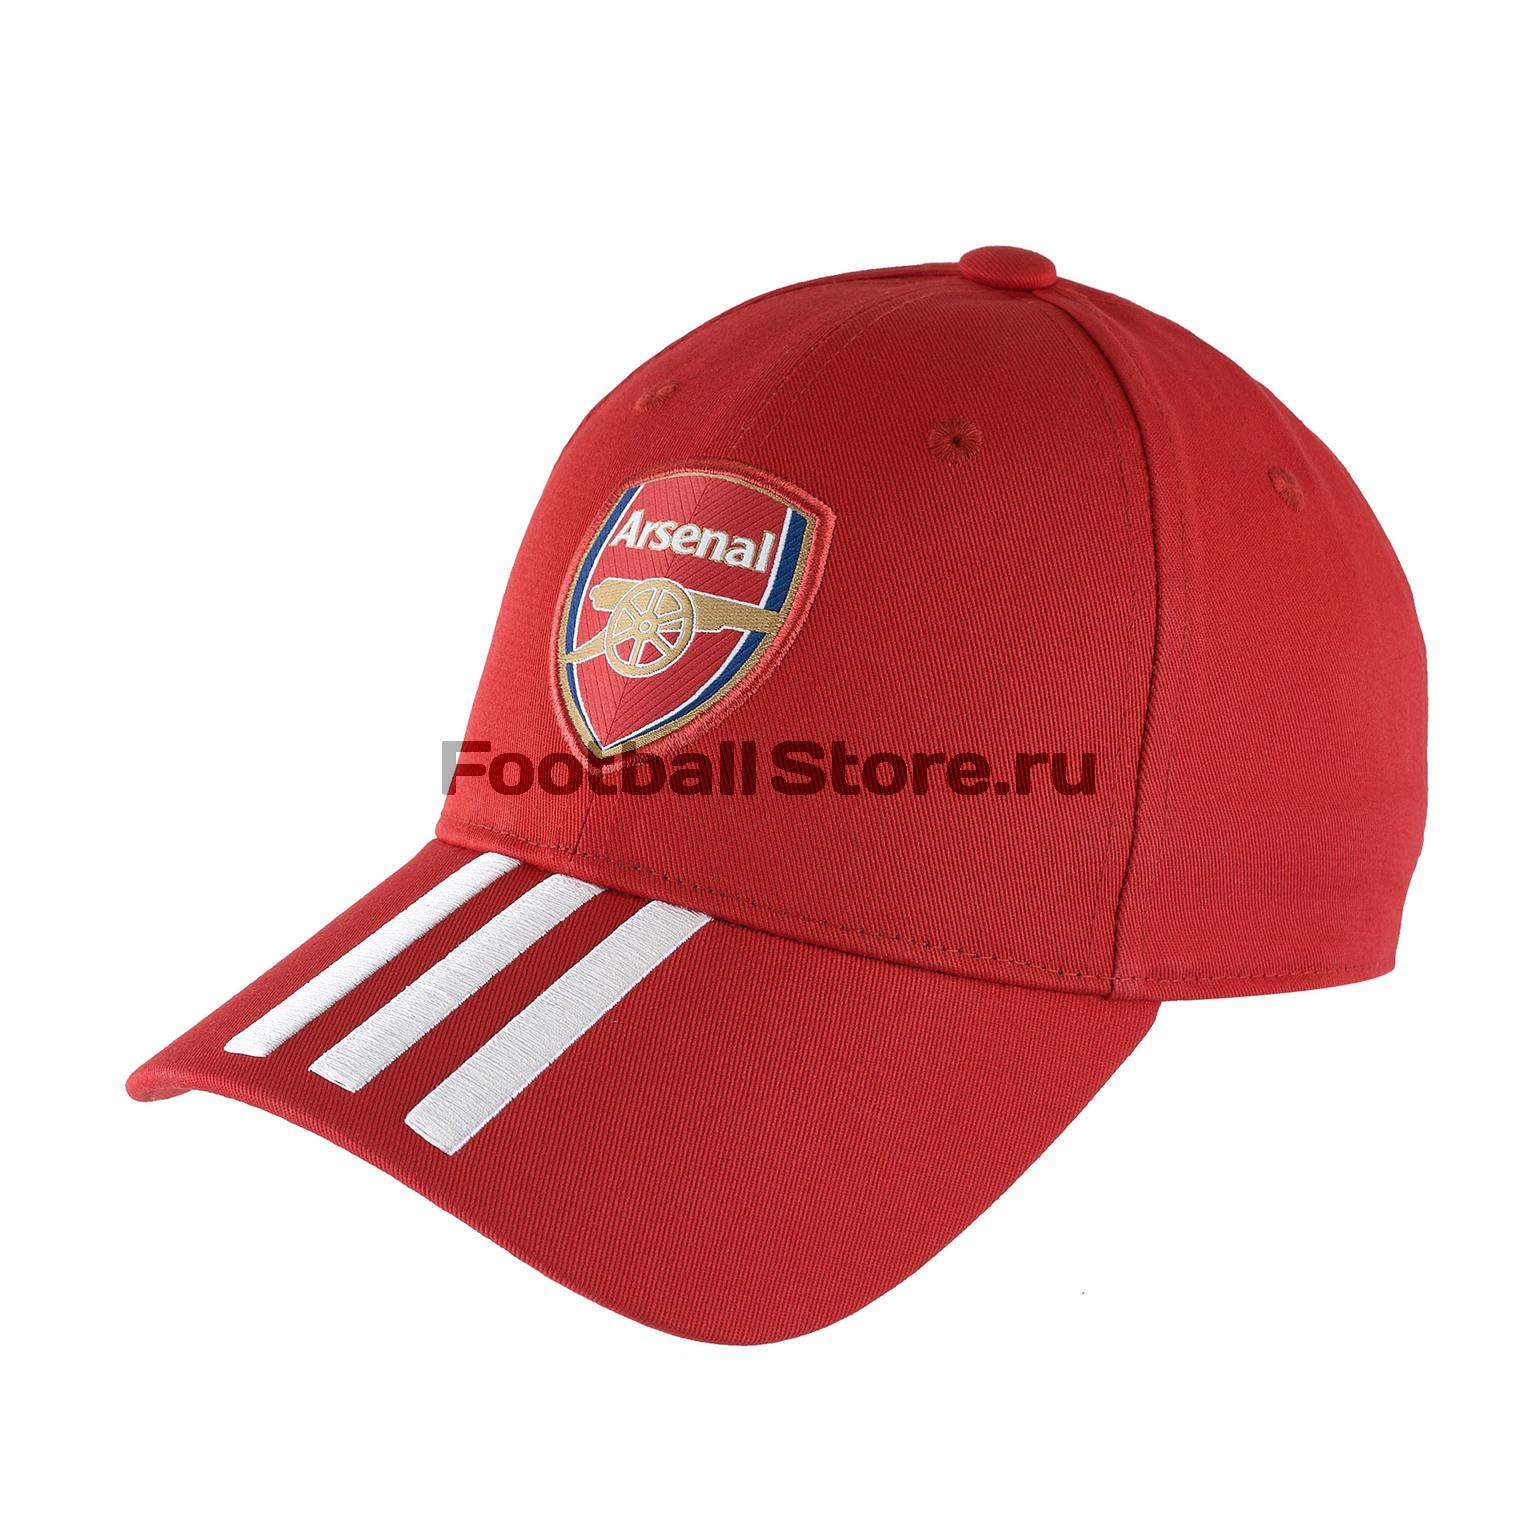 шапочки для плавания adidas sil cap dq1736 желтый Бейсболка Adidas Arsenal C40 Cap EH5083